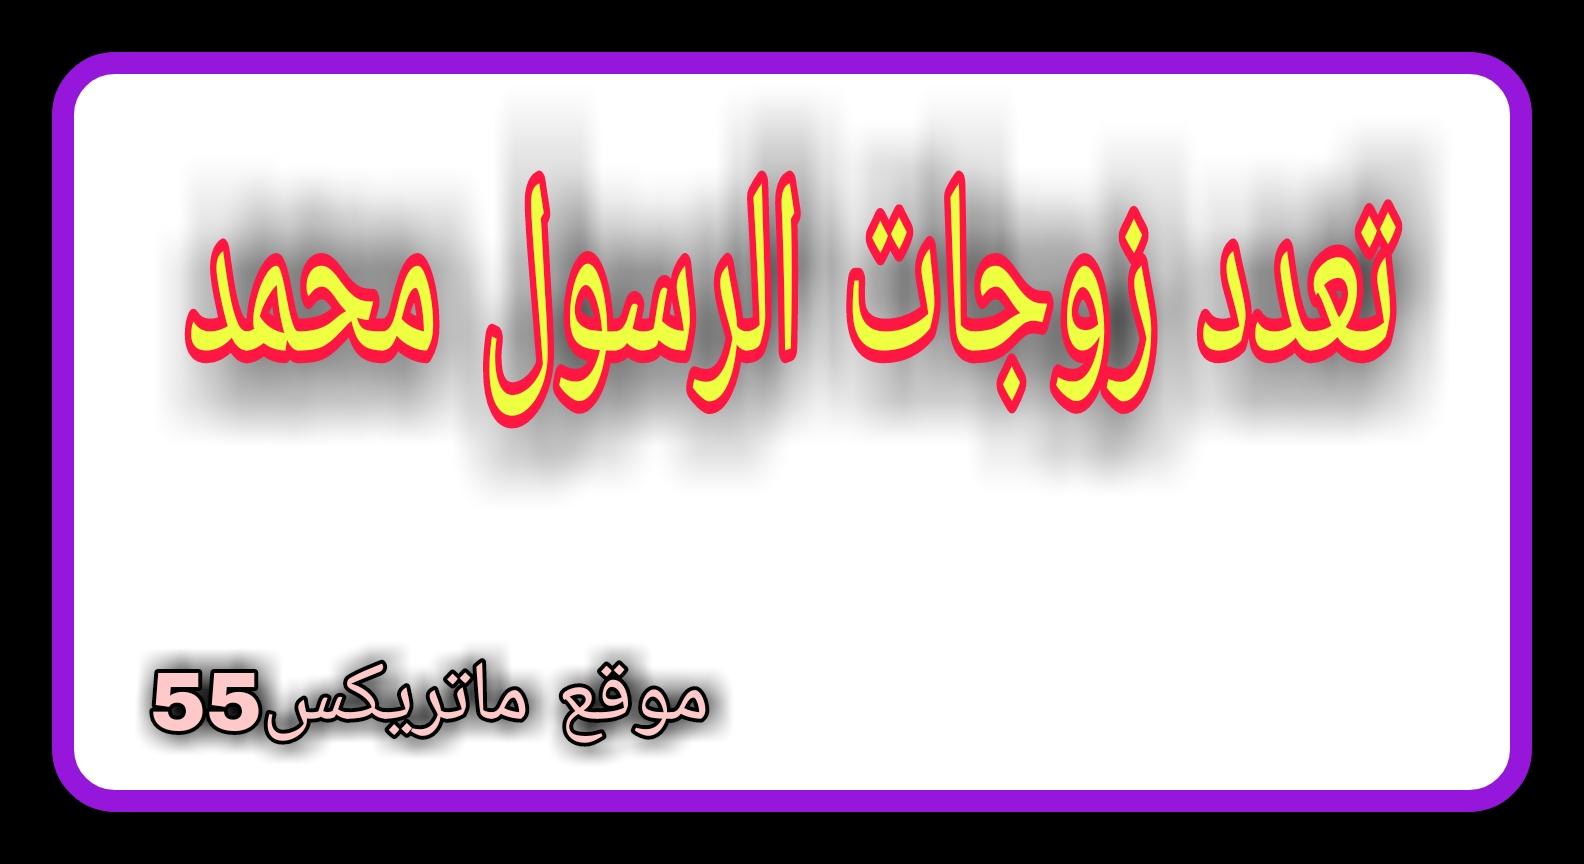 تعدد زوجات الرسول محمد | عدد زوجات الرسول محمد | زوجات الرسول سيدنا محمد